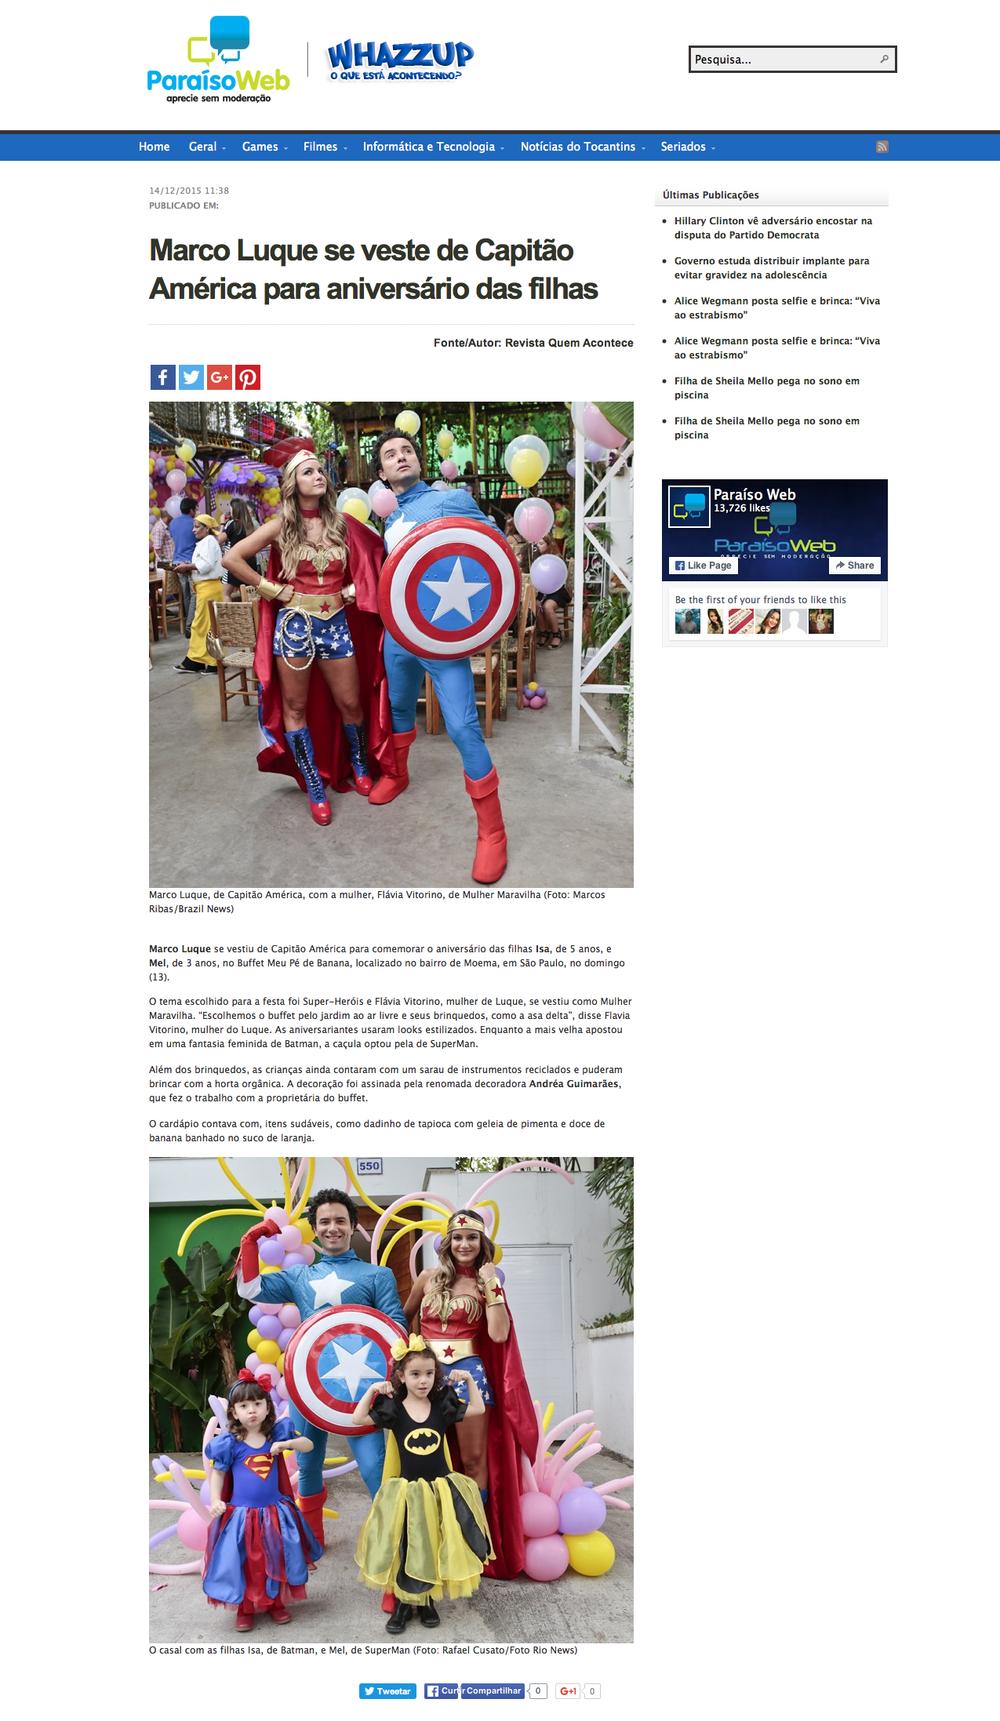 Link da matéria: http://paraisoweb.com.br/whazzup/2015/12/marco-luque-se-veste-de-capitao-america-para-aniversario-das-filhas/